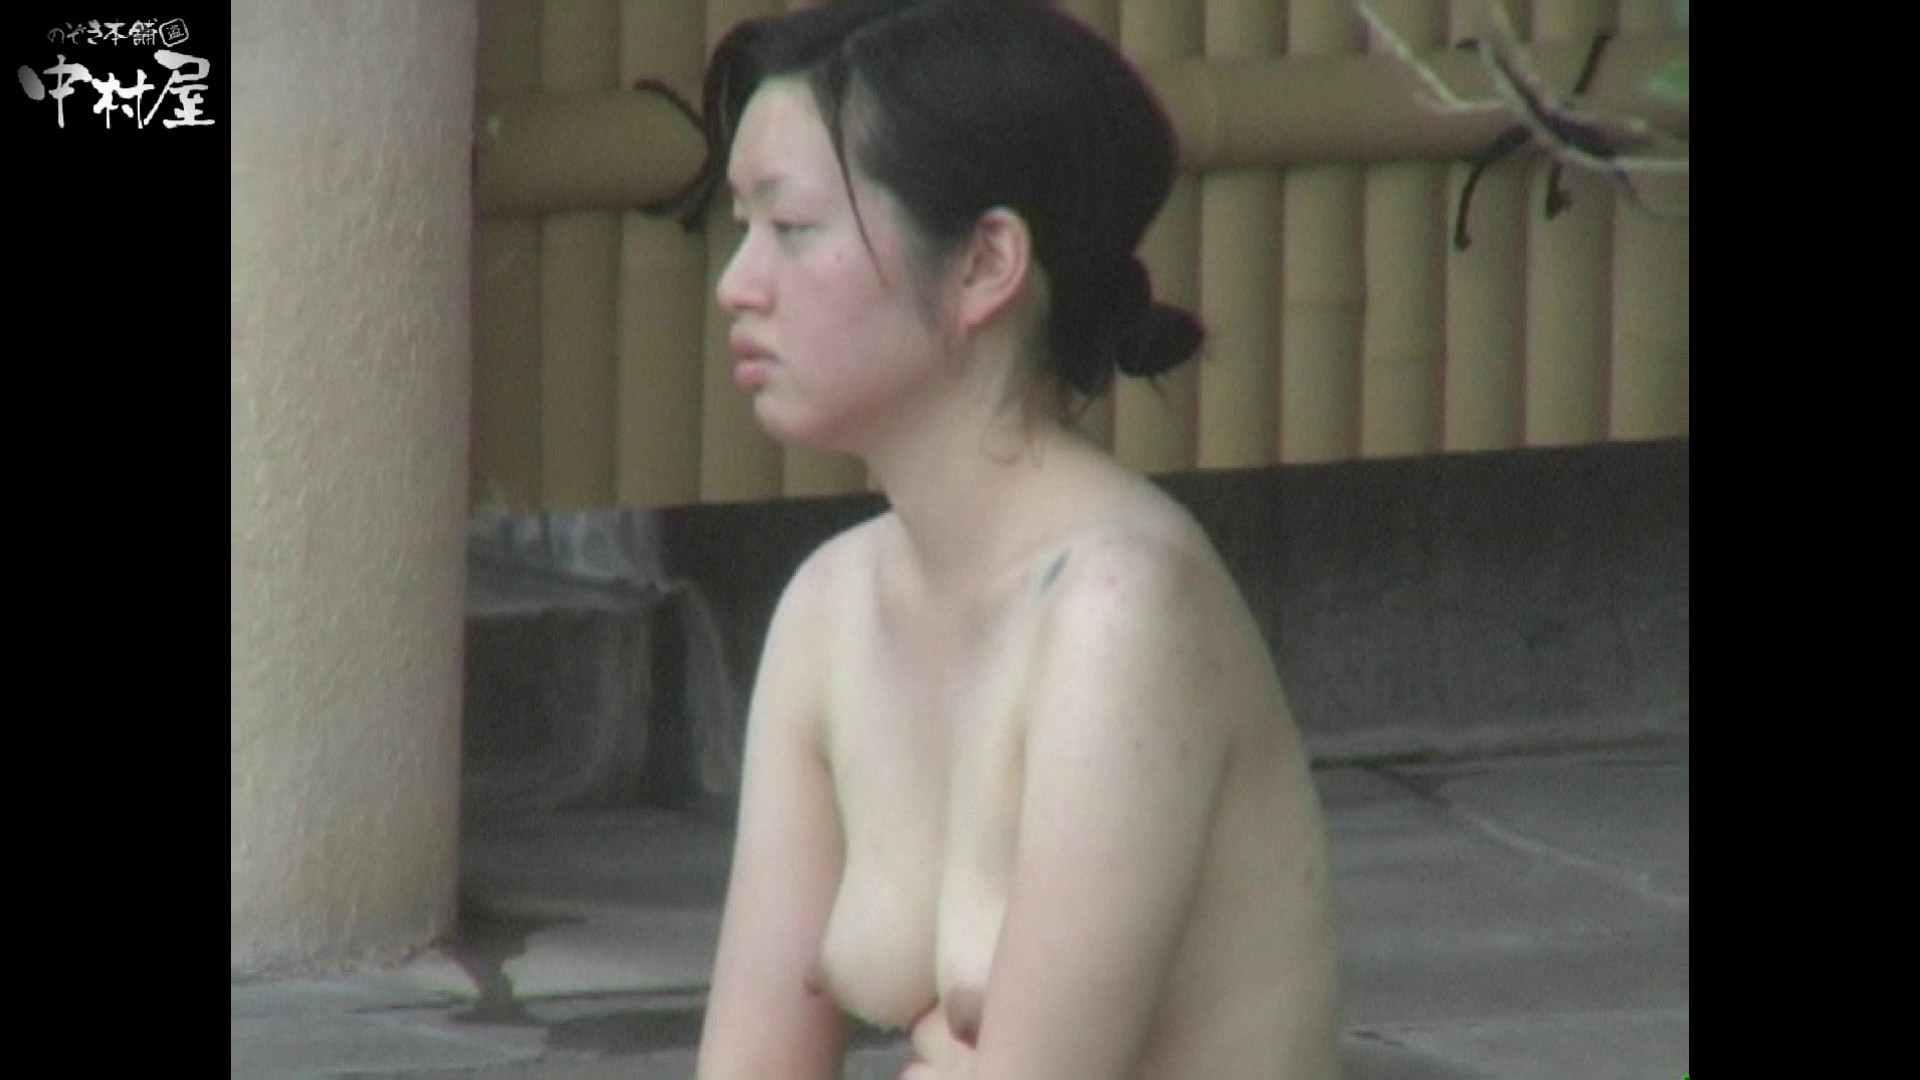 Aquaな露天風呂Vol.942 HなOL ワレメ動画紹介 92pic 12